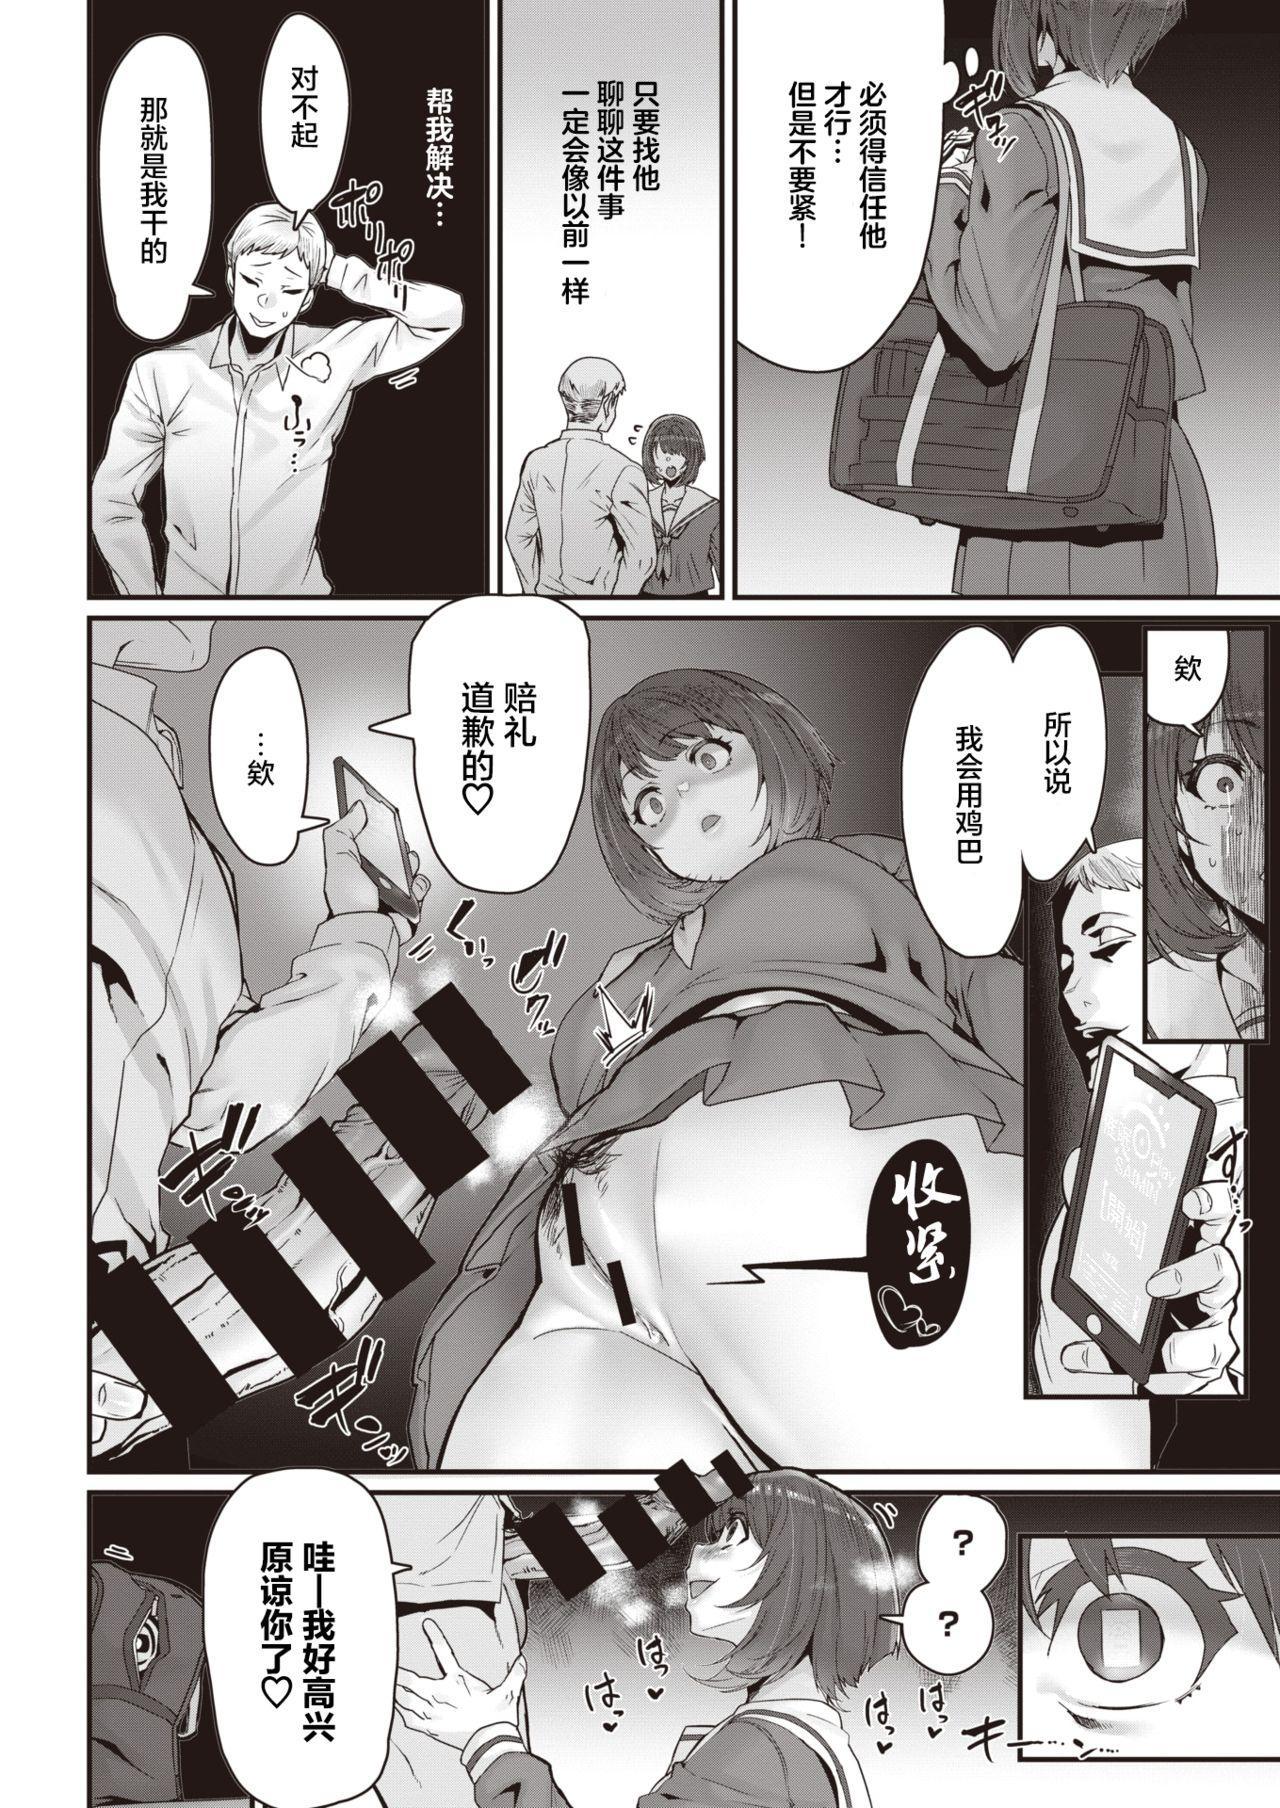 Zoku Tenohira no Ue de Watashi to... 5